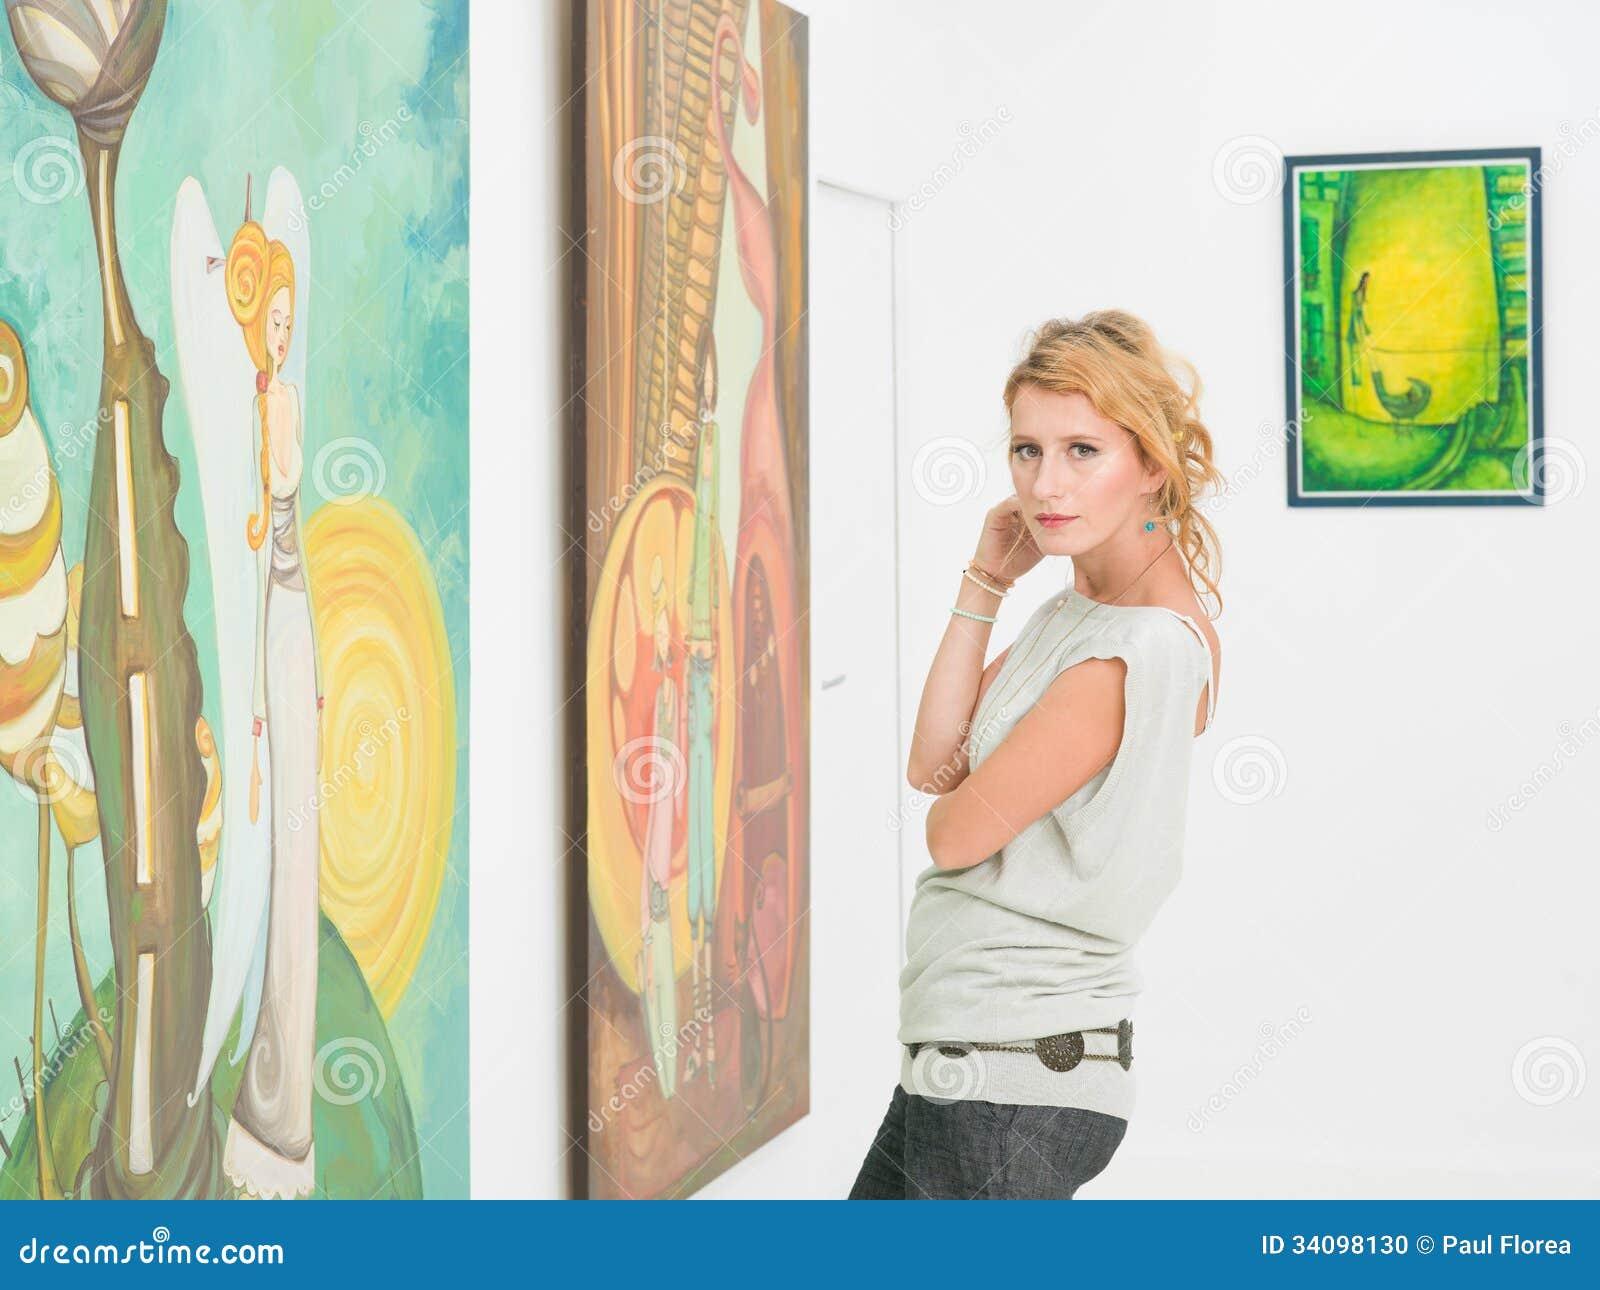 Галерея скачать фотографии женщина 4 фотография